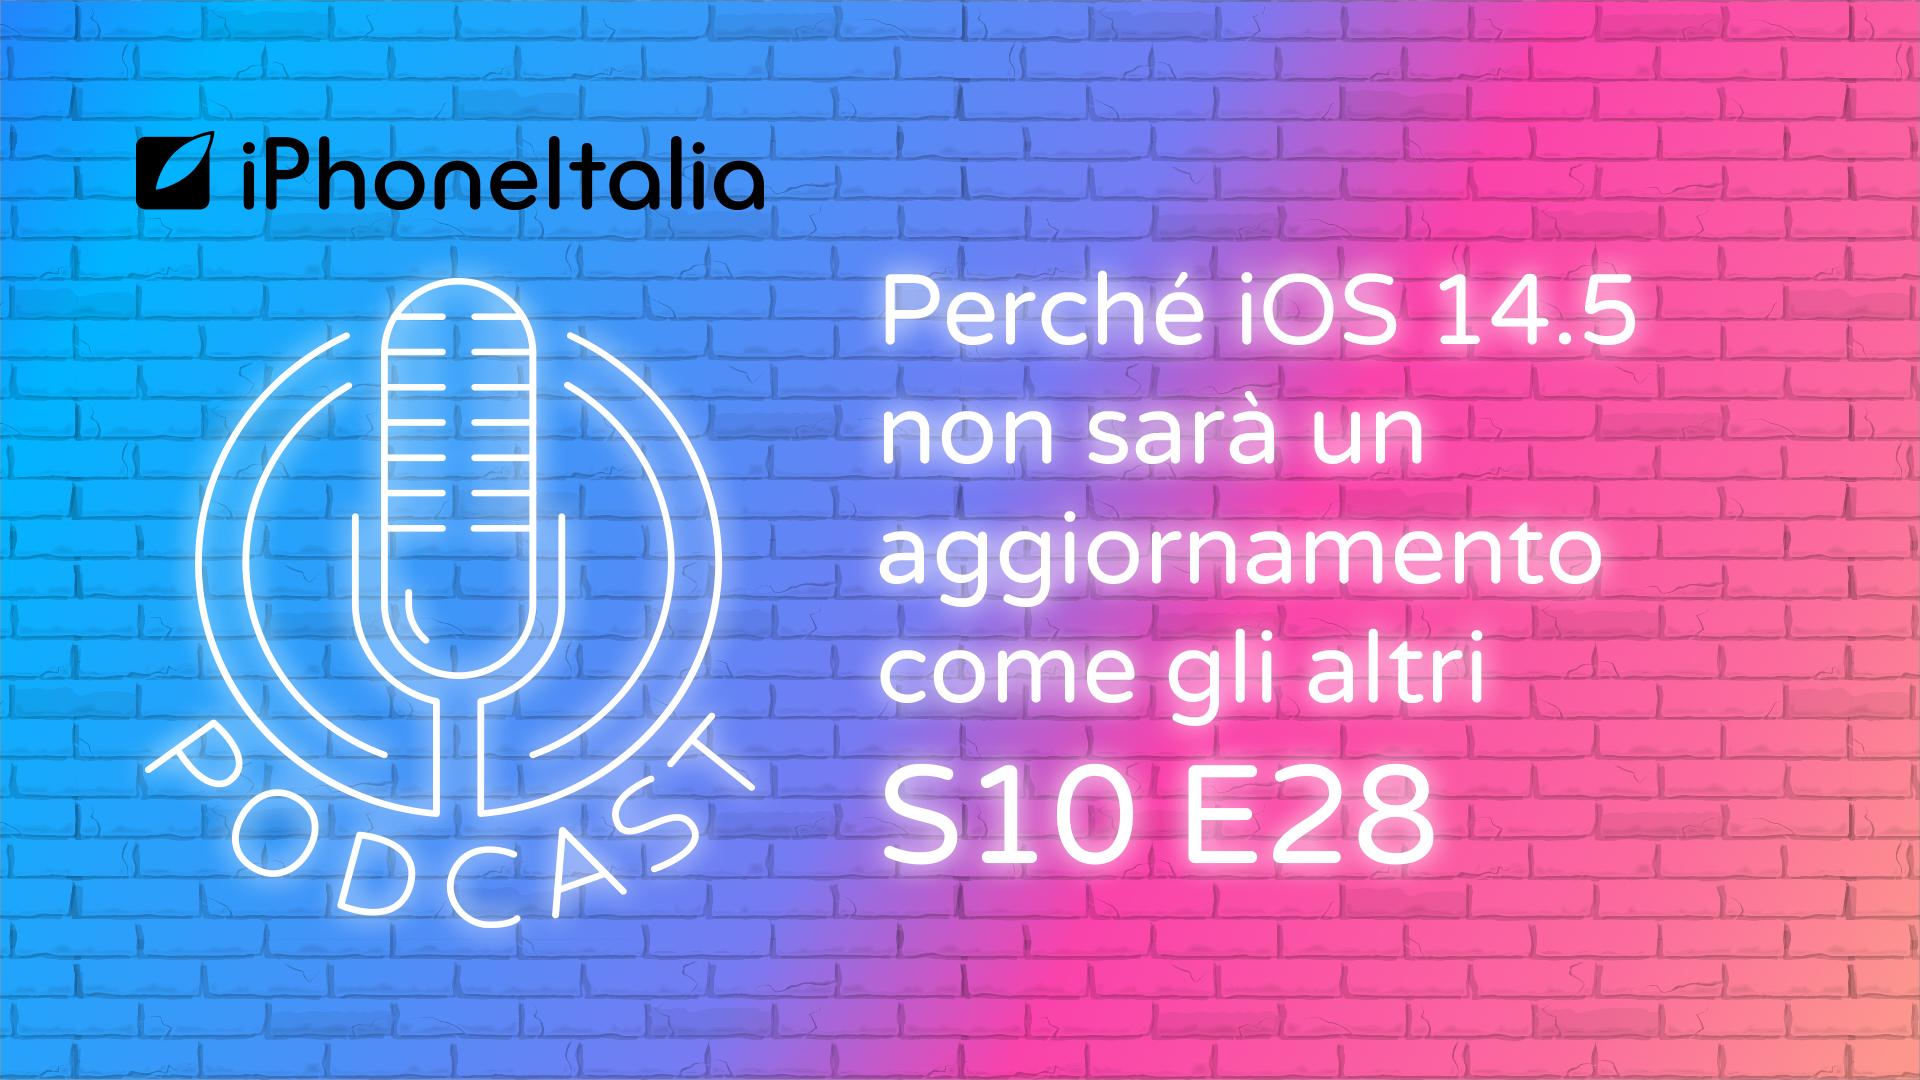 Perché iOS 14.5 non sarà un aggiorname …